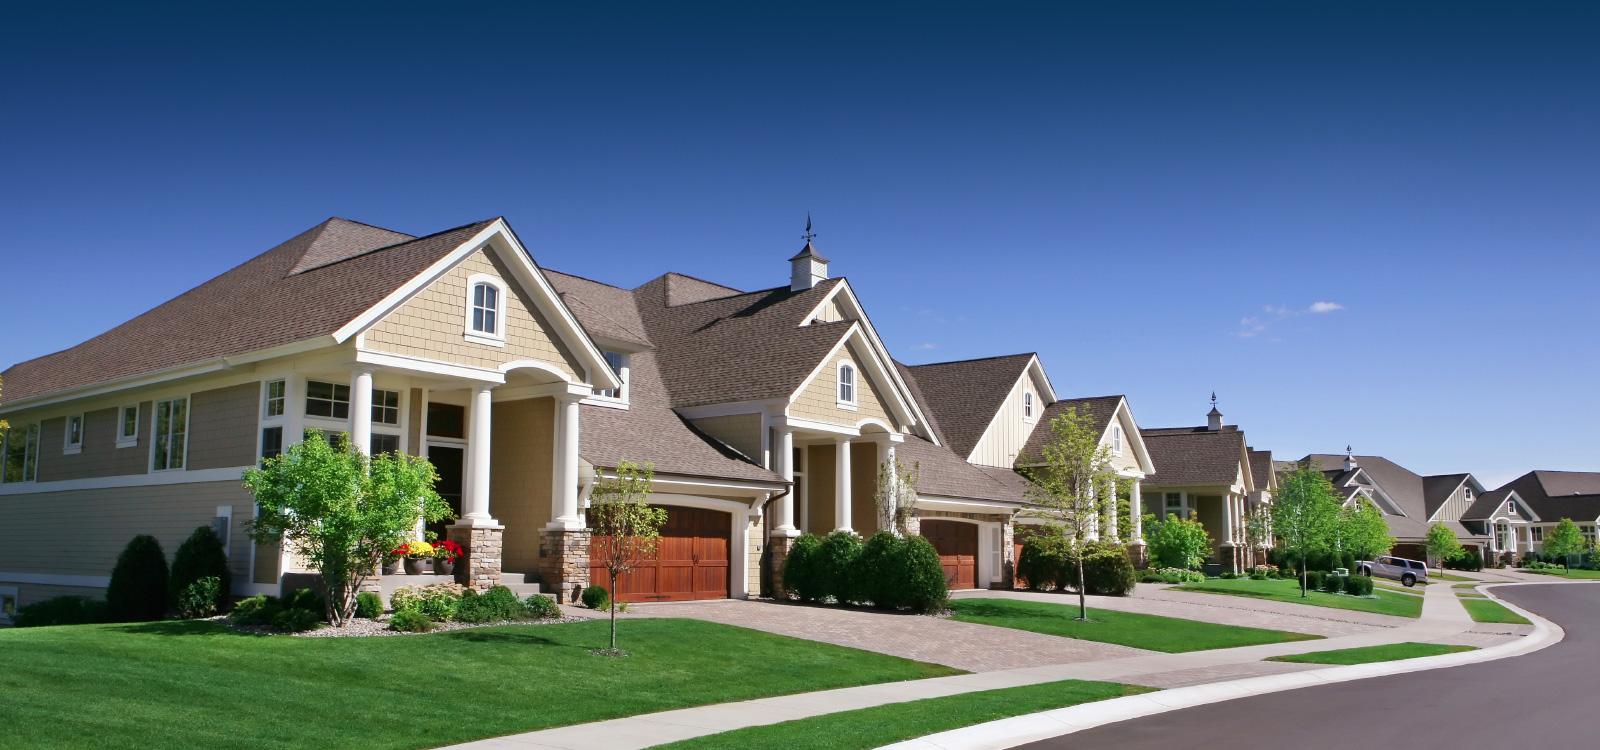 Home Inspection Checklist Lebanon